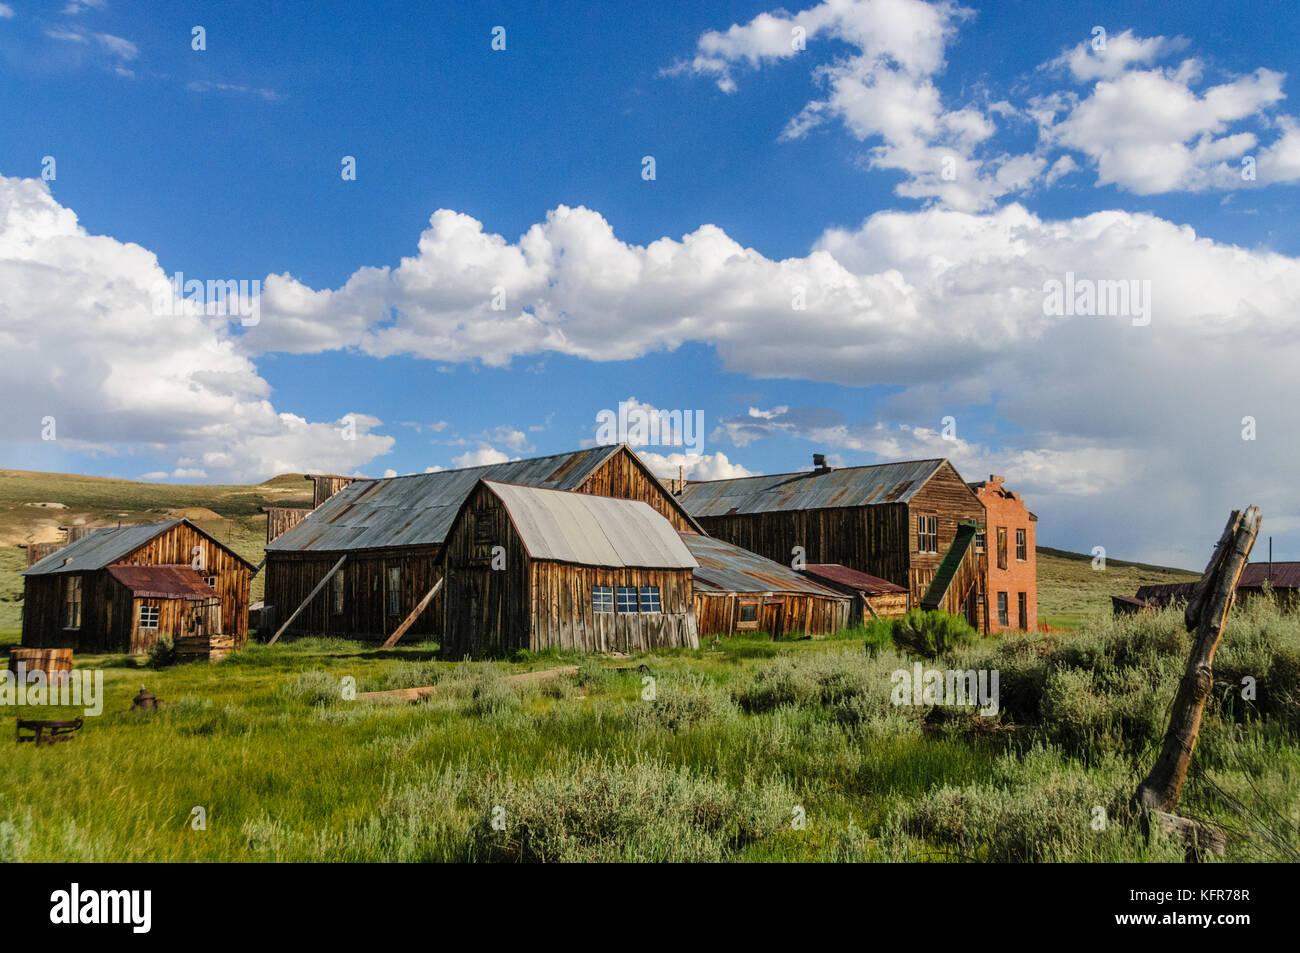 Maisons en ruine dans une ville fantôme américaine Photo Stock